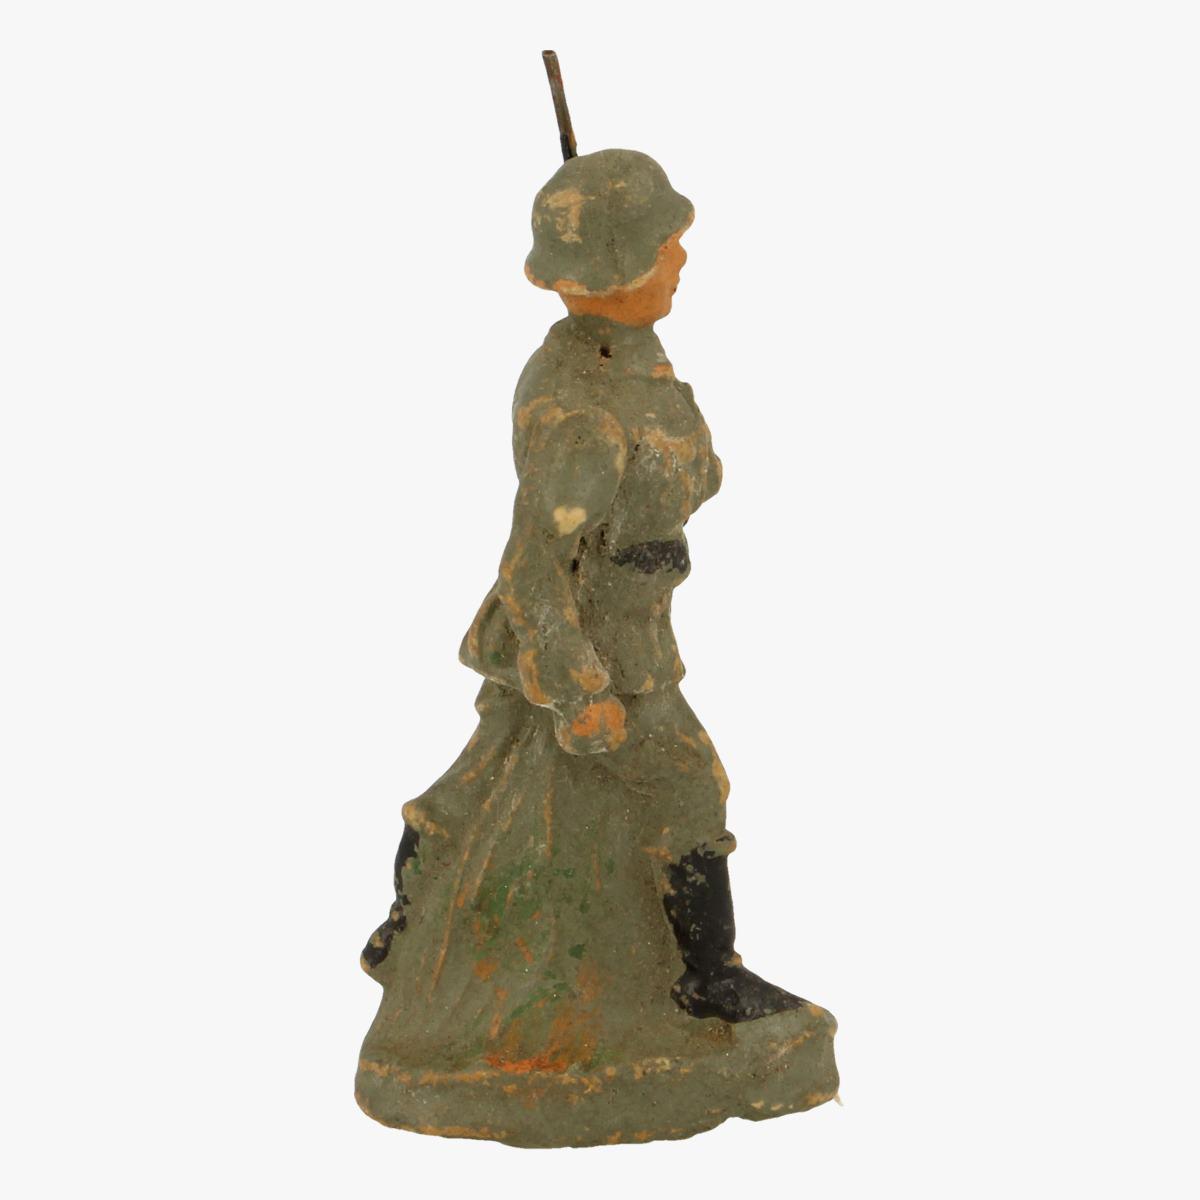 Afbeeldingen van elastolin soldaatje F.F.